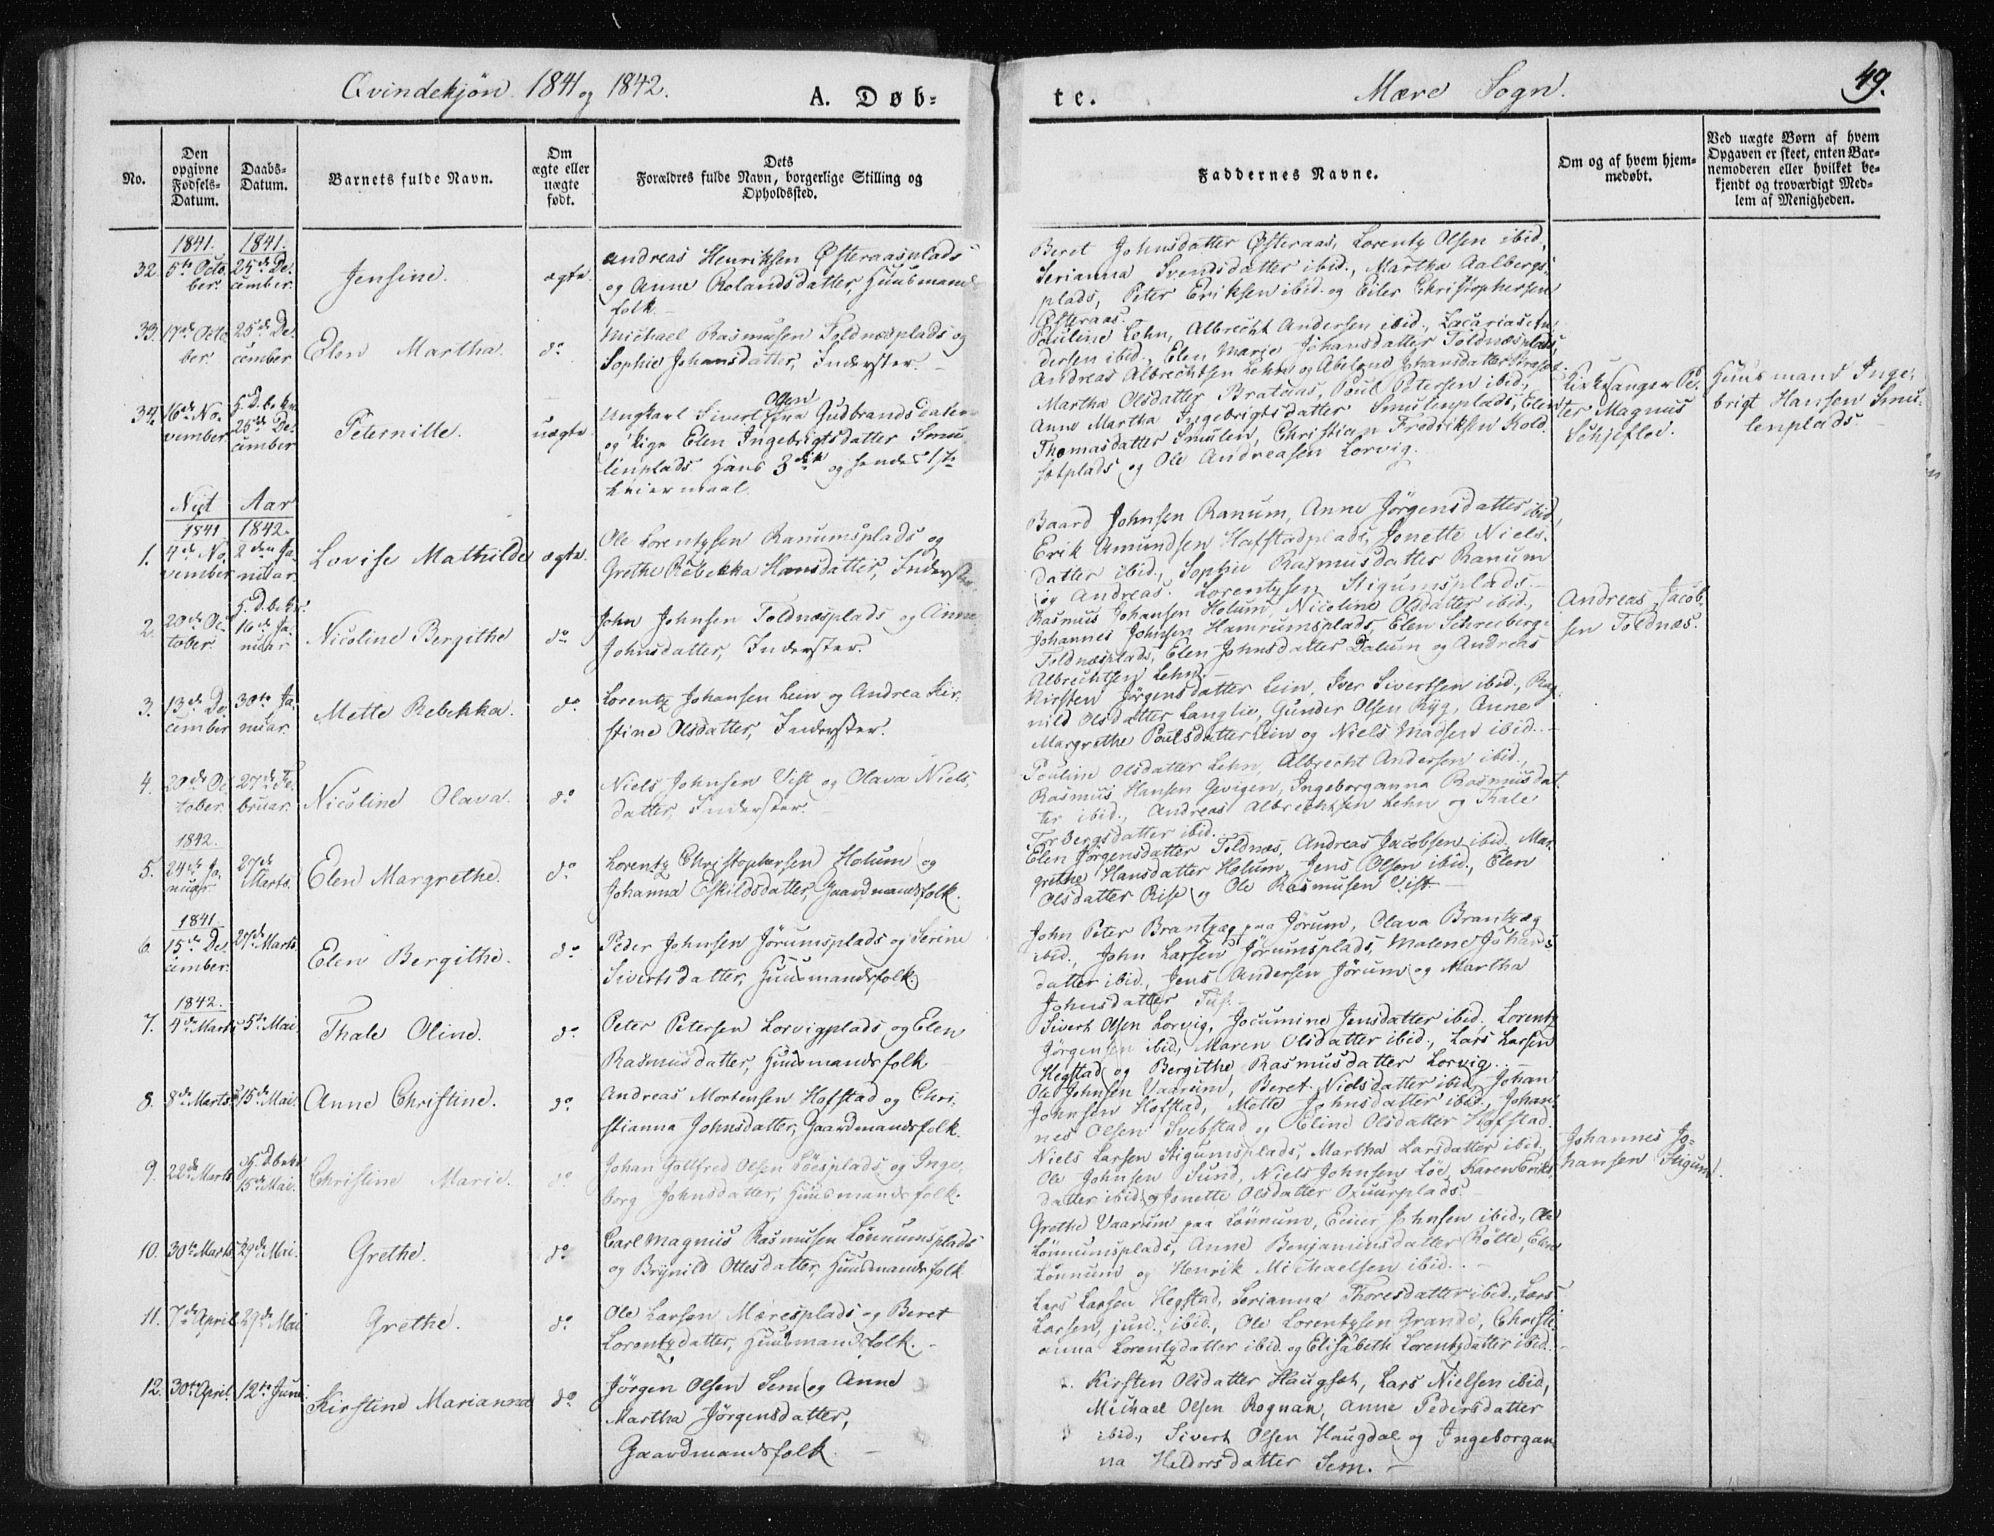 SAT, Ministerialprotokoller, klokkerbøker og fødselsregistre - Nord-Trøndelag, 735/L0339: Ministerialbok nr. 735A06 /1, 1836-1848, s. 49